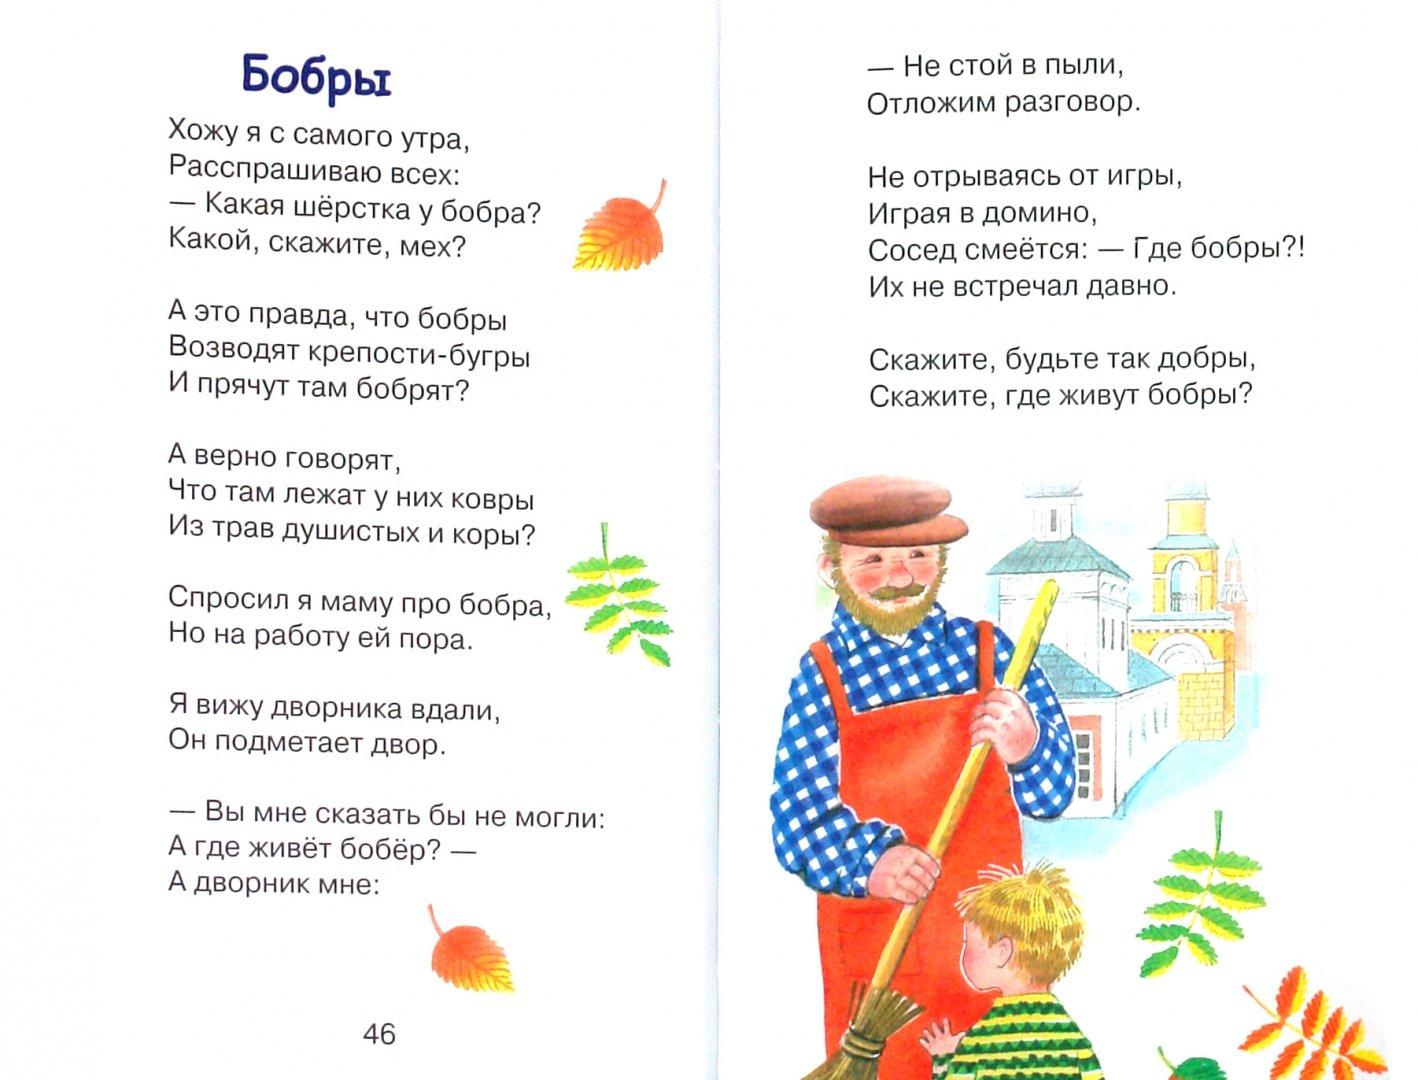 Иллюстрация 1 из 11 для Стихи Барто - Агния Барто | Лабиринт - книги. Источник: Лабиринт